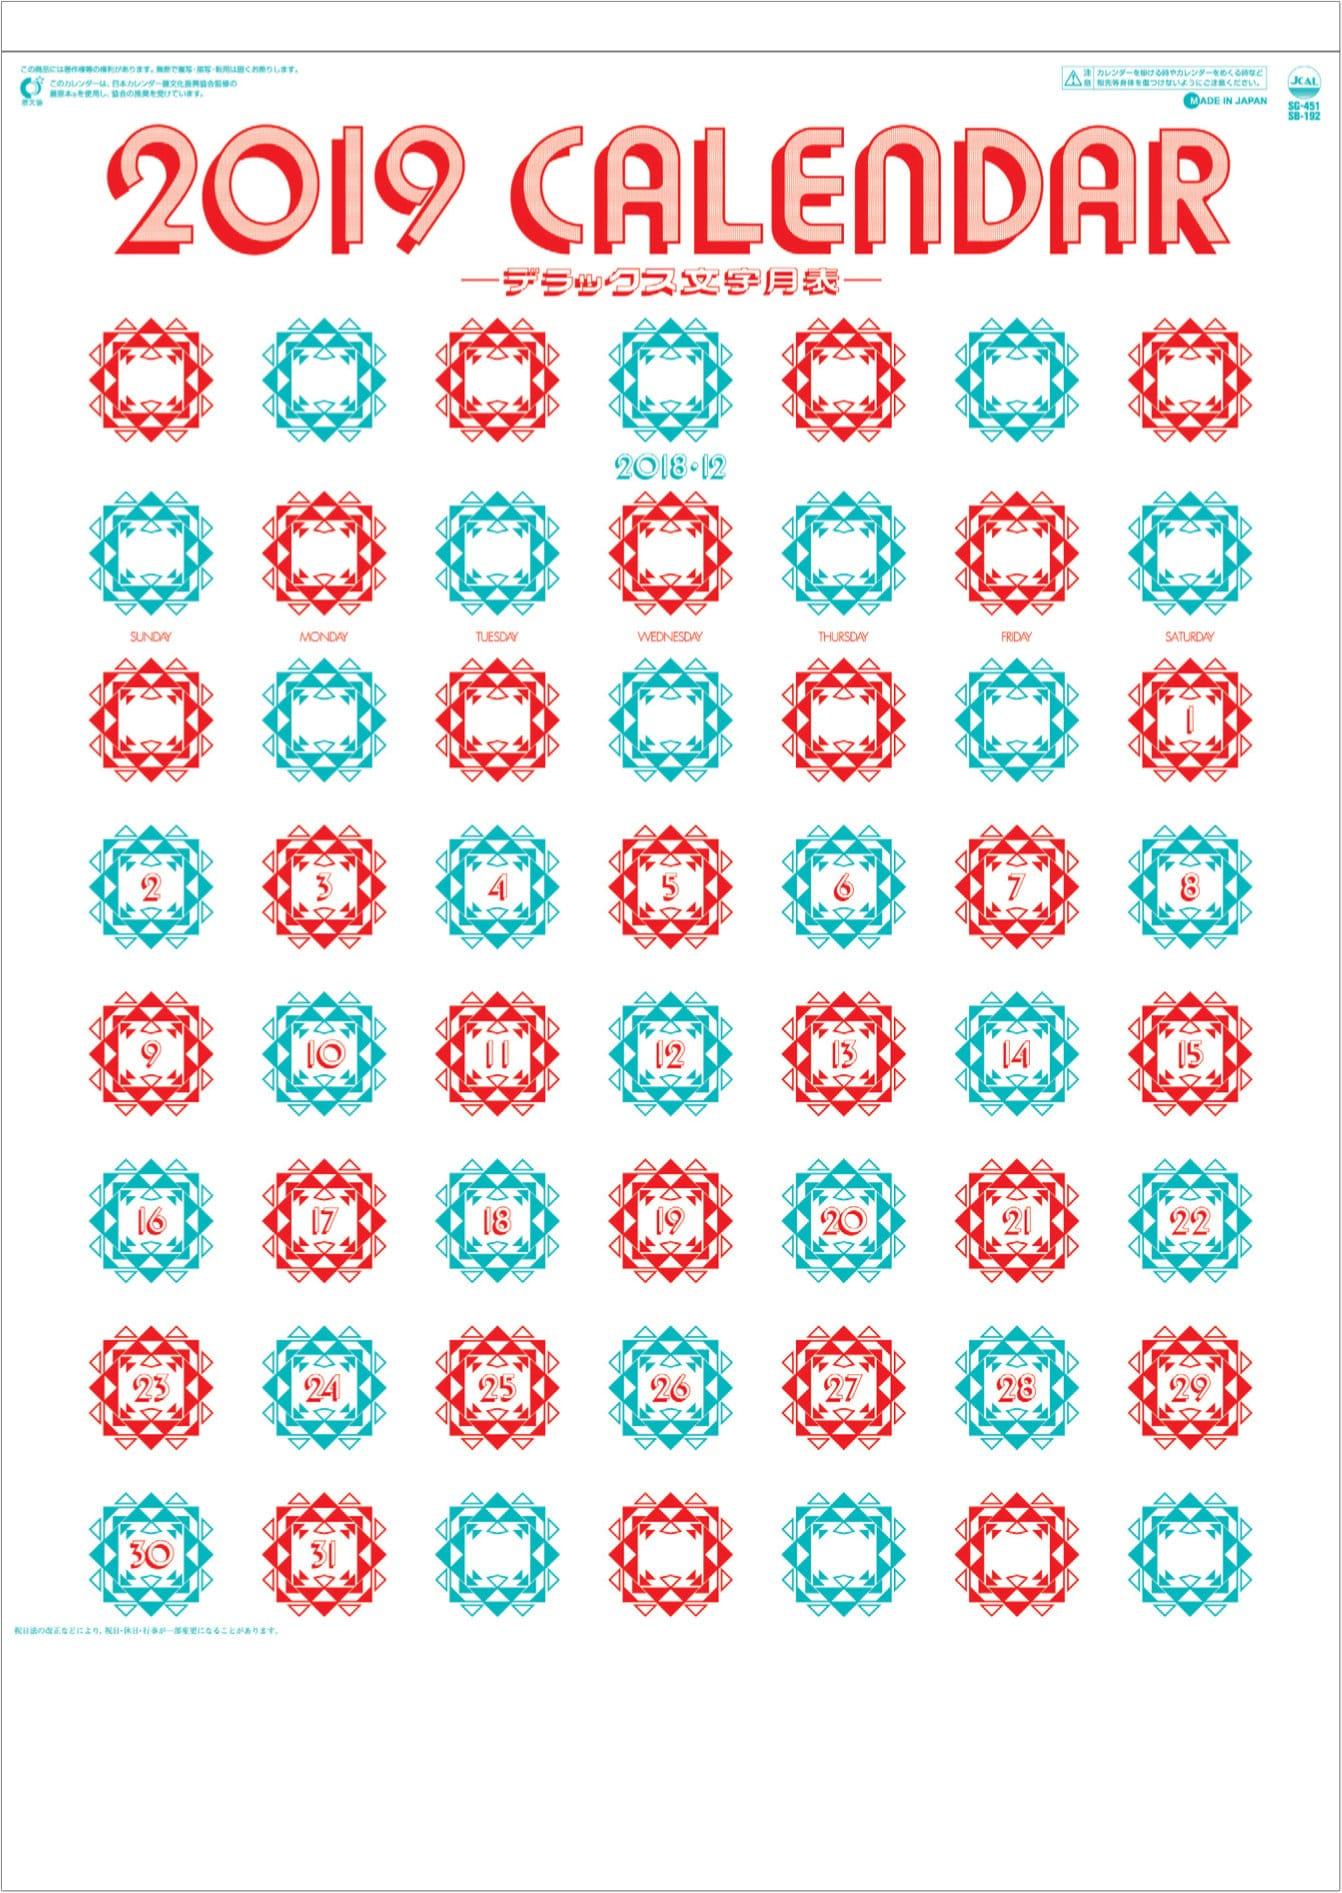 表紙 デラックス文字 2019年カレンダーの画像